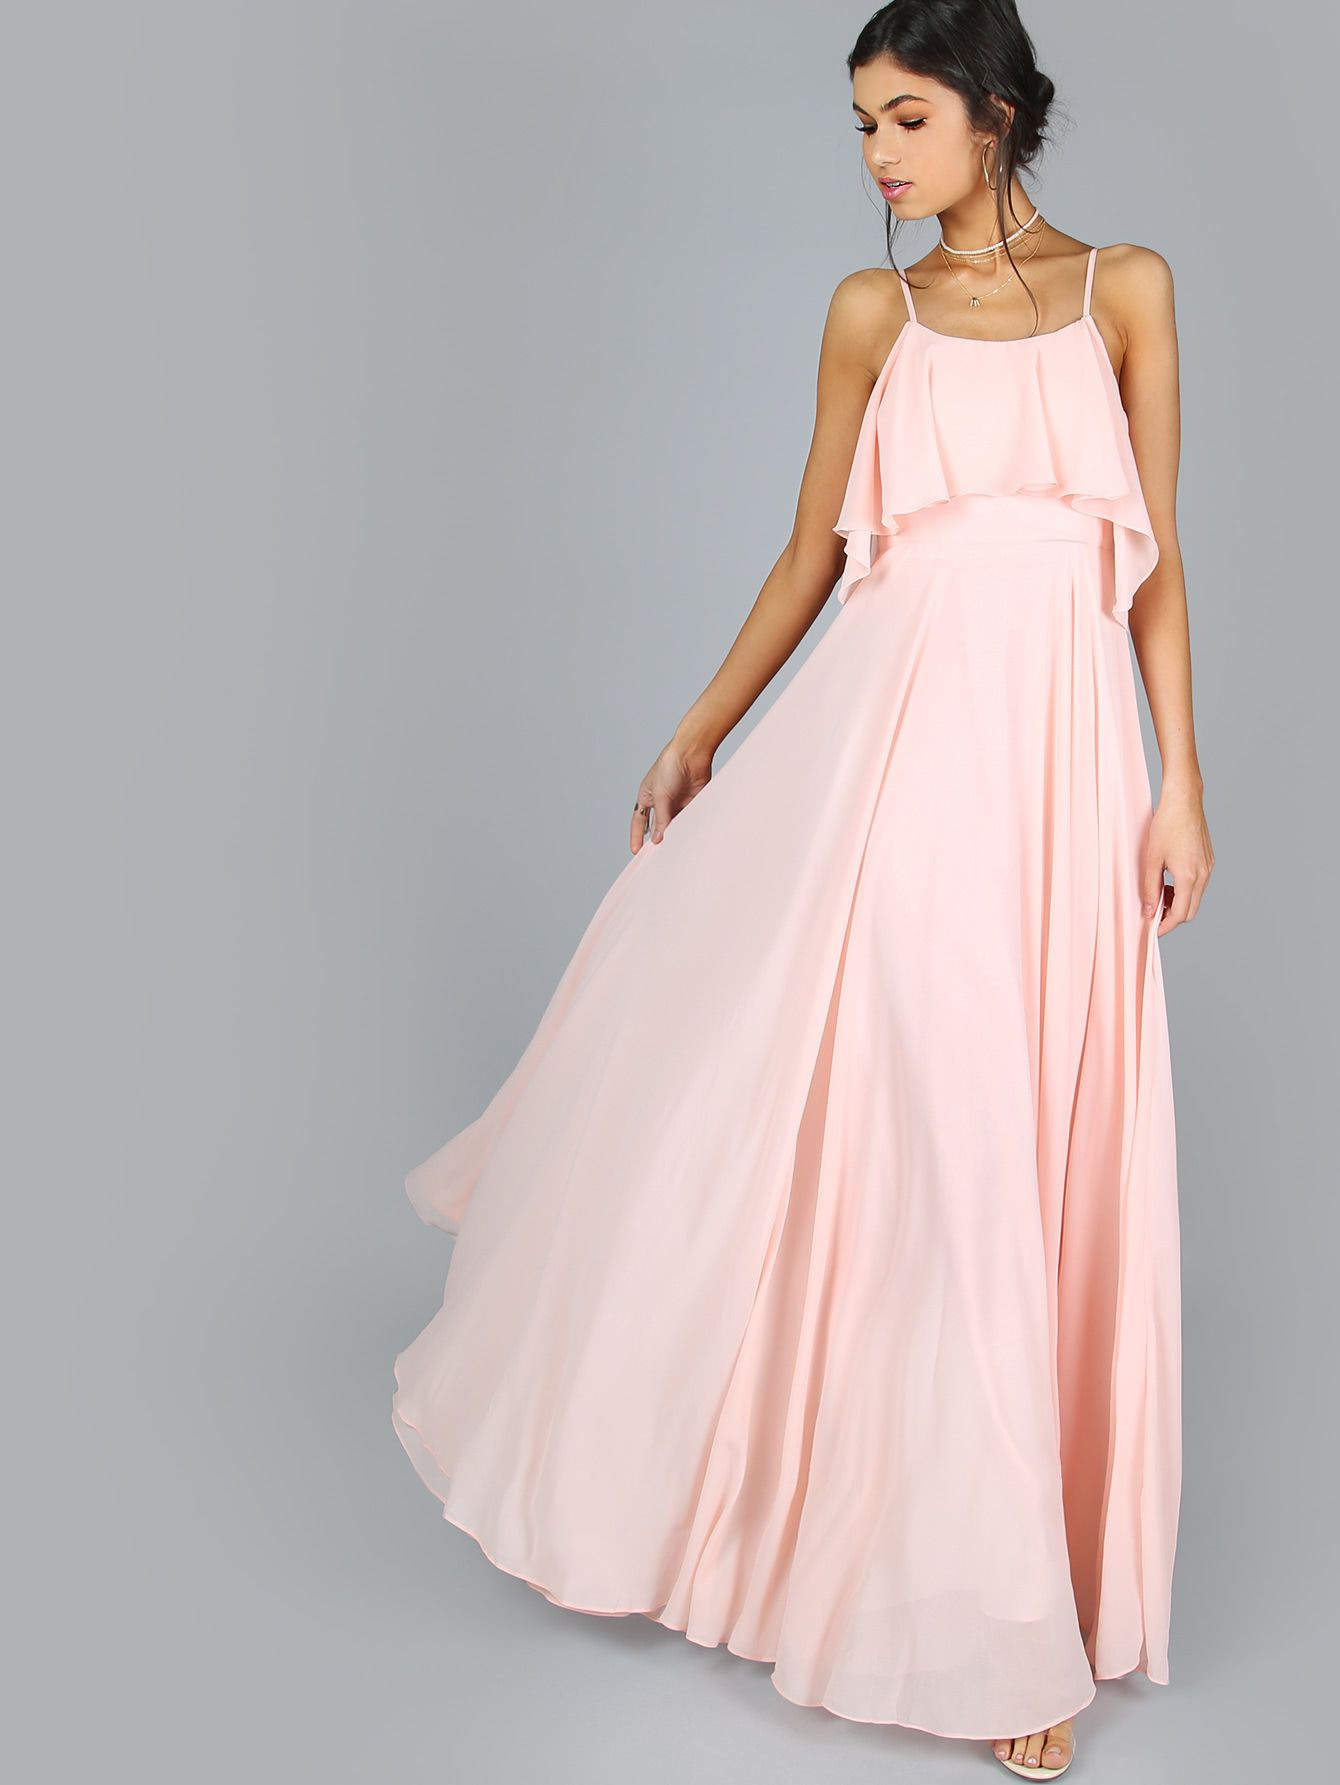 Designer Großartig Abendkleider Shein Bester PreisFormal Einzigartig Abendkleider Shein Stylish